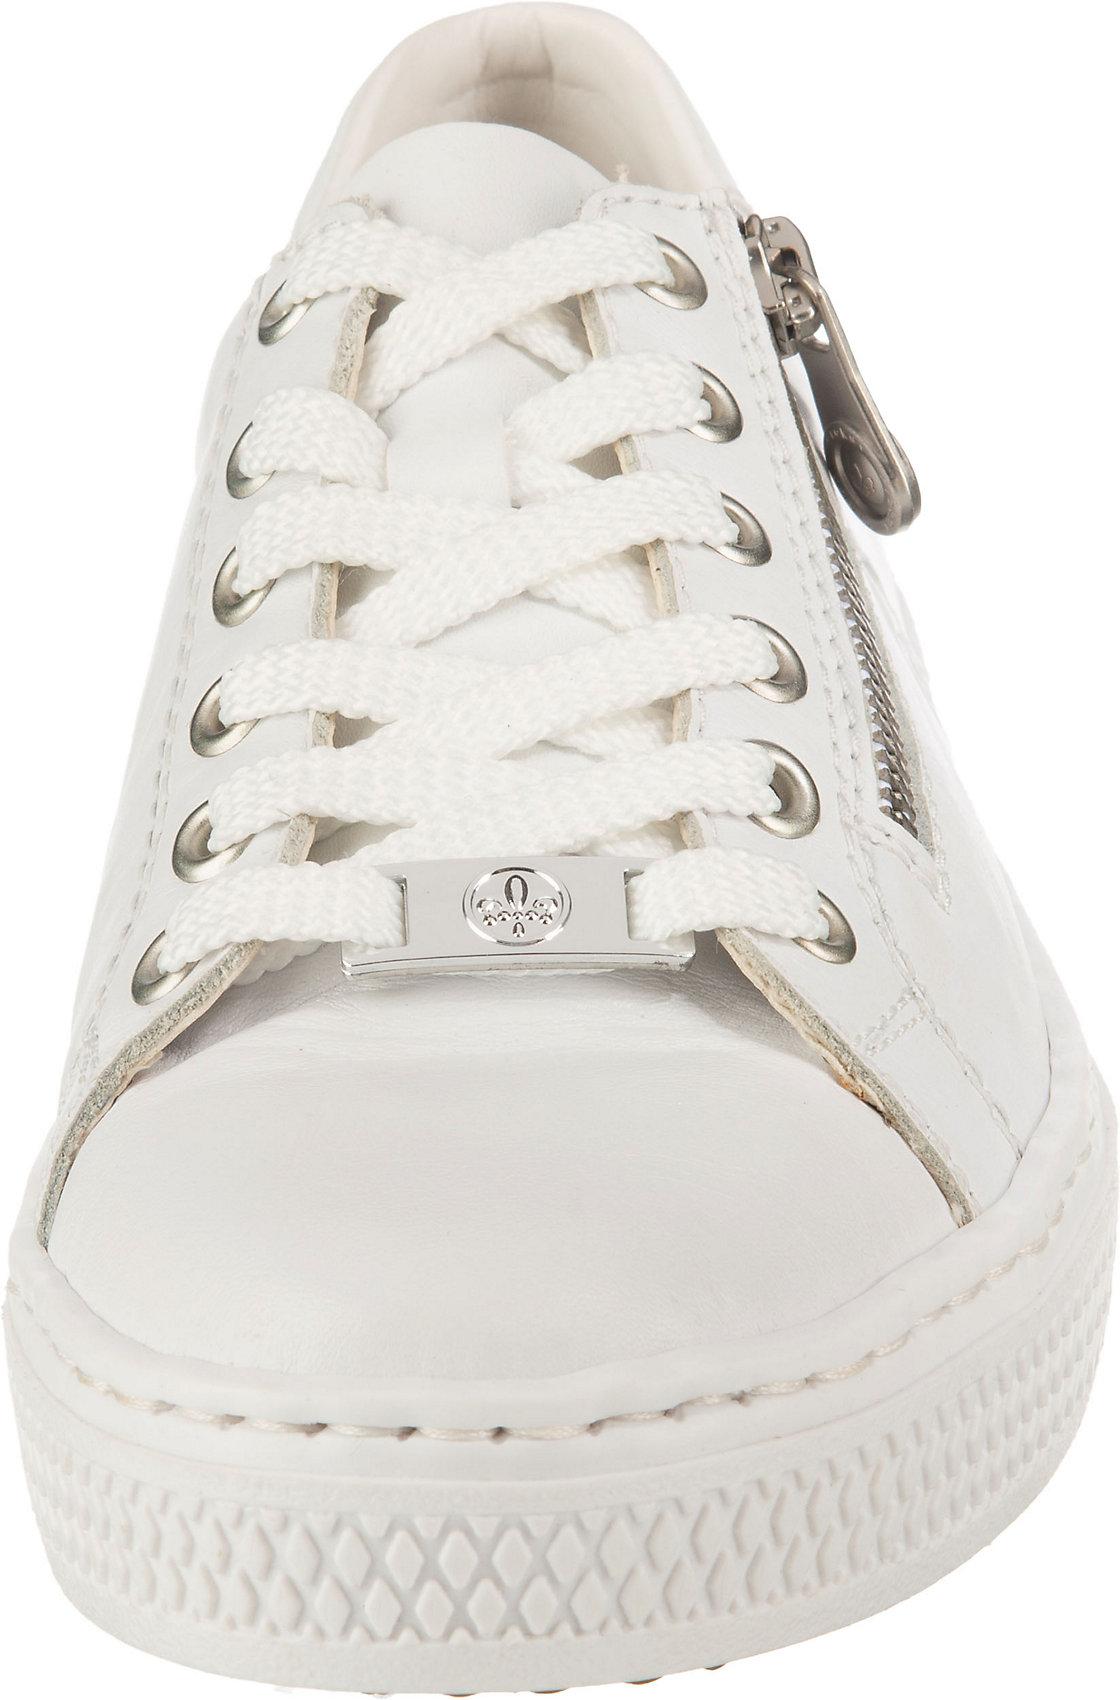 Indexbild 10 - Neu rieker Sneakers Low 17444045 für Damen weiß